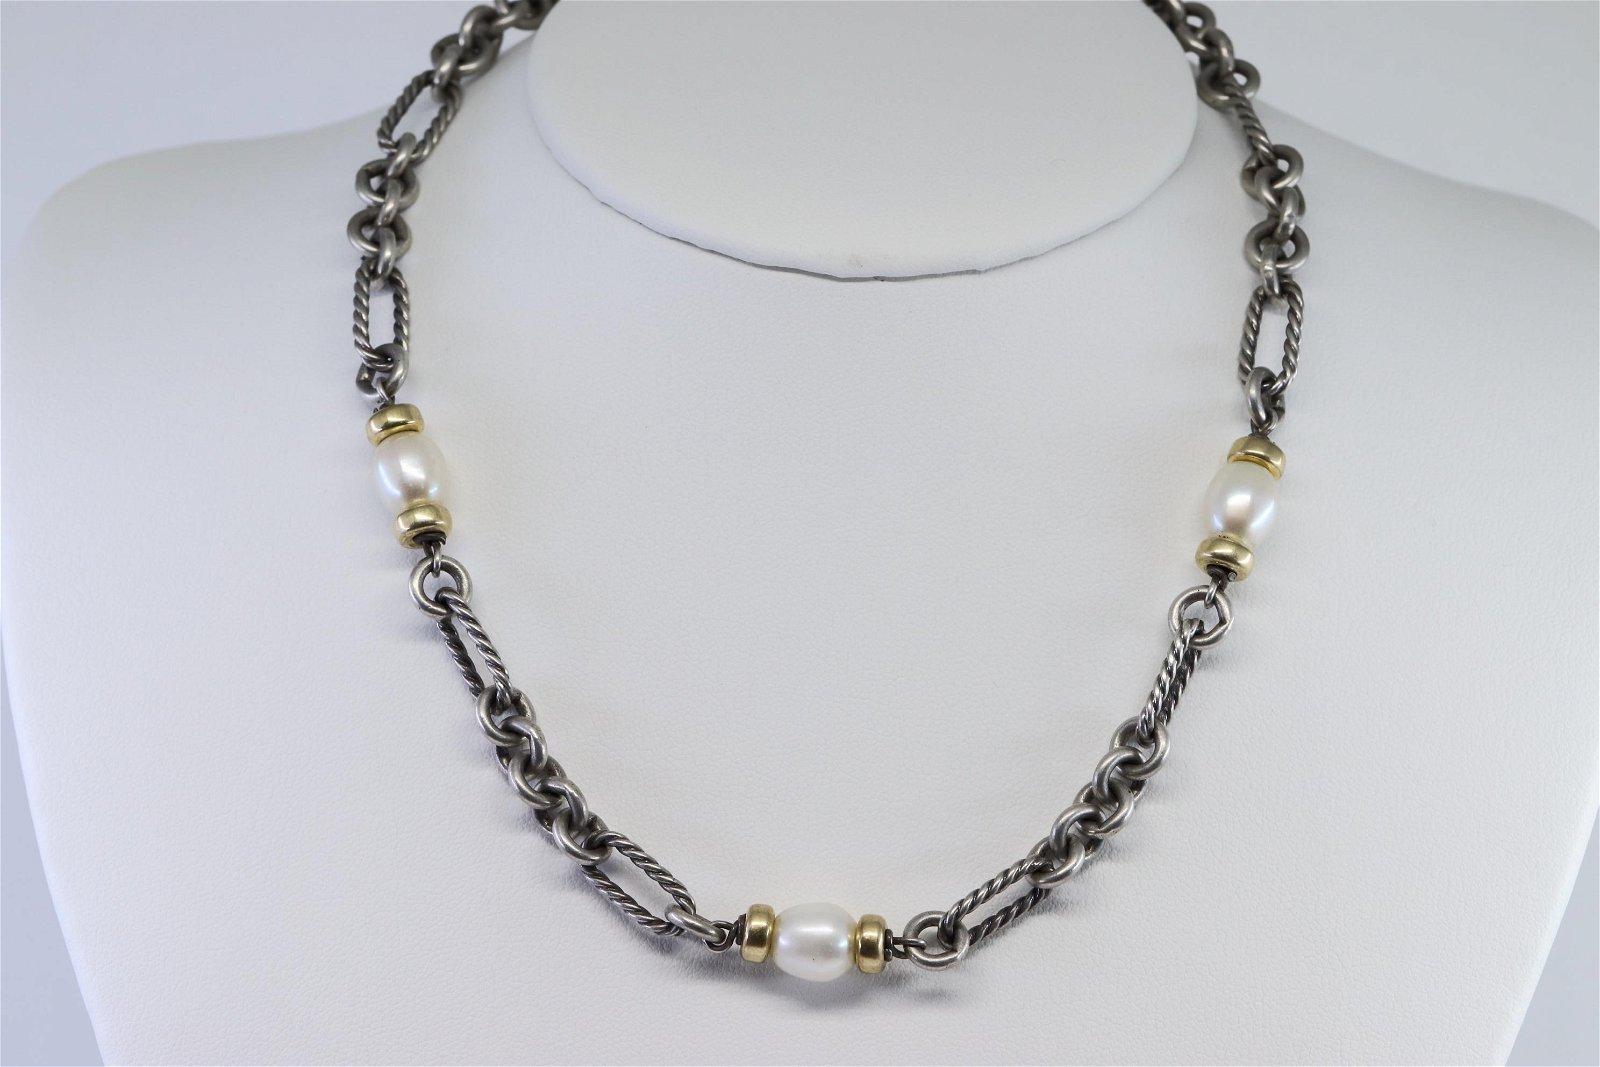 David Yurman 925 Silver and 18k Gold Accent Chain